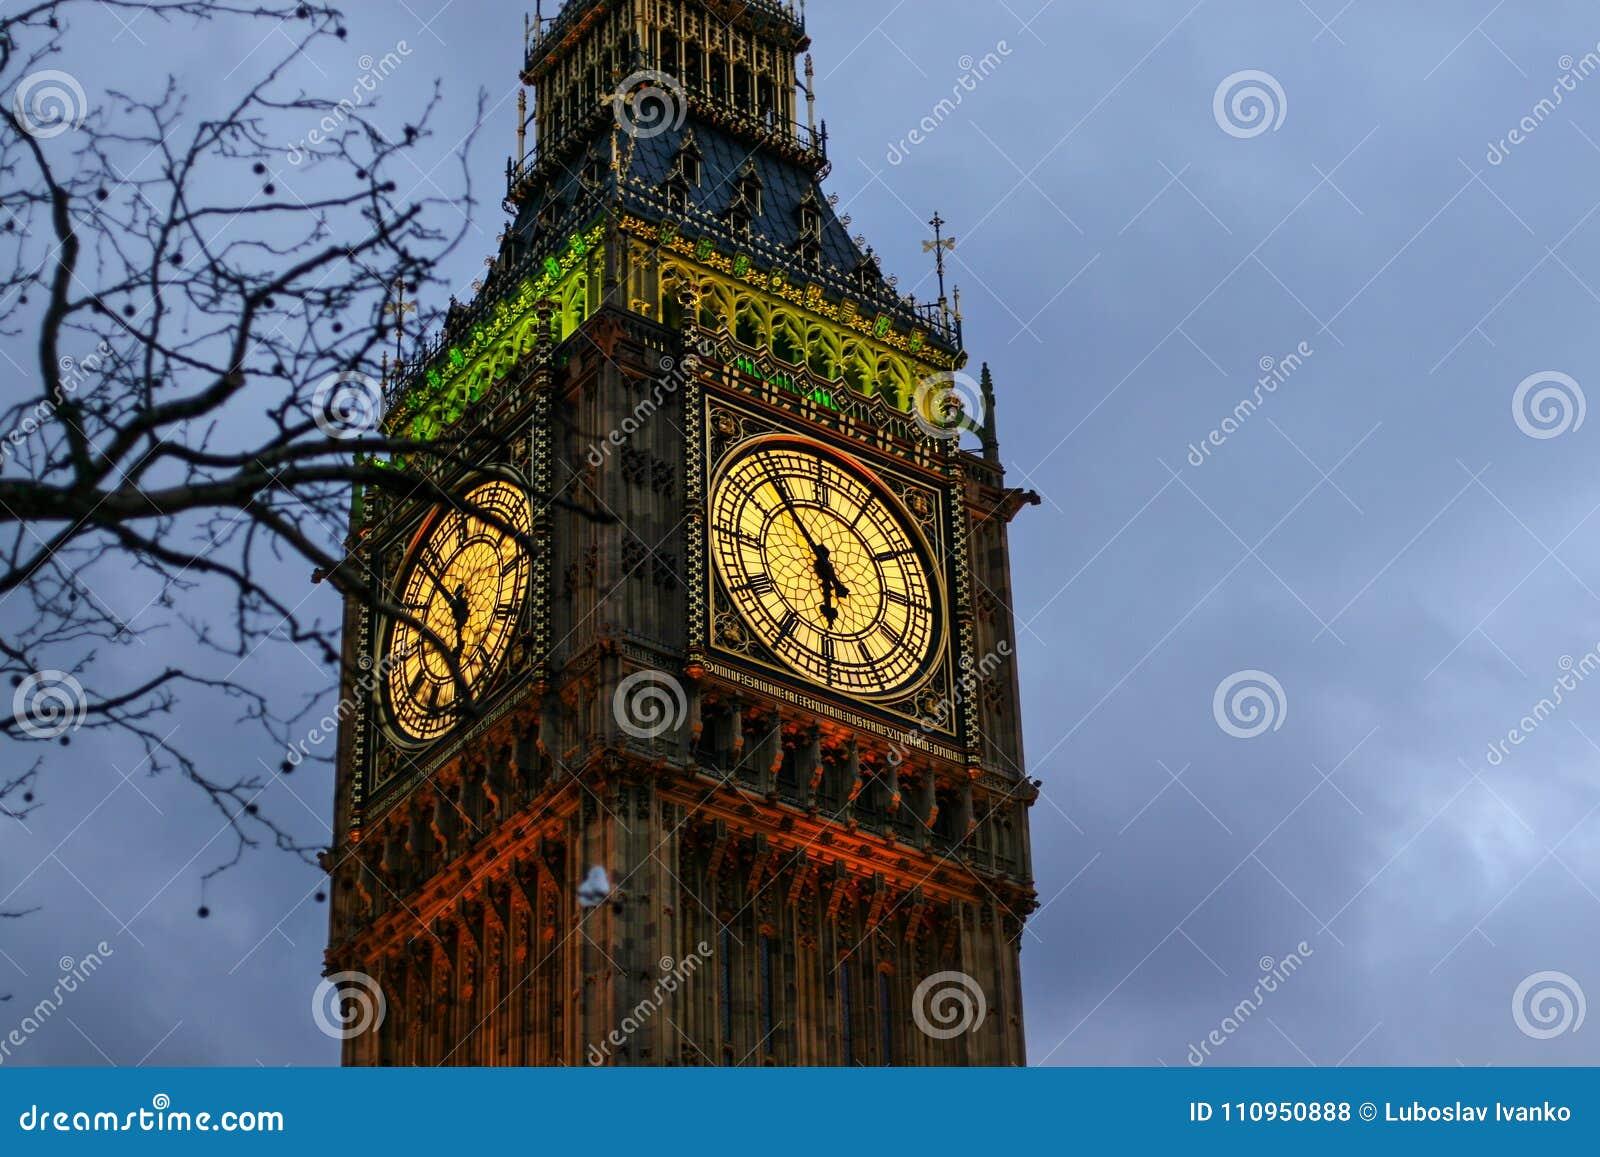 Detail der Uhr auf Big Ben in London